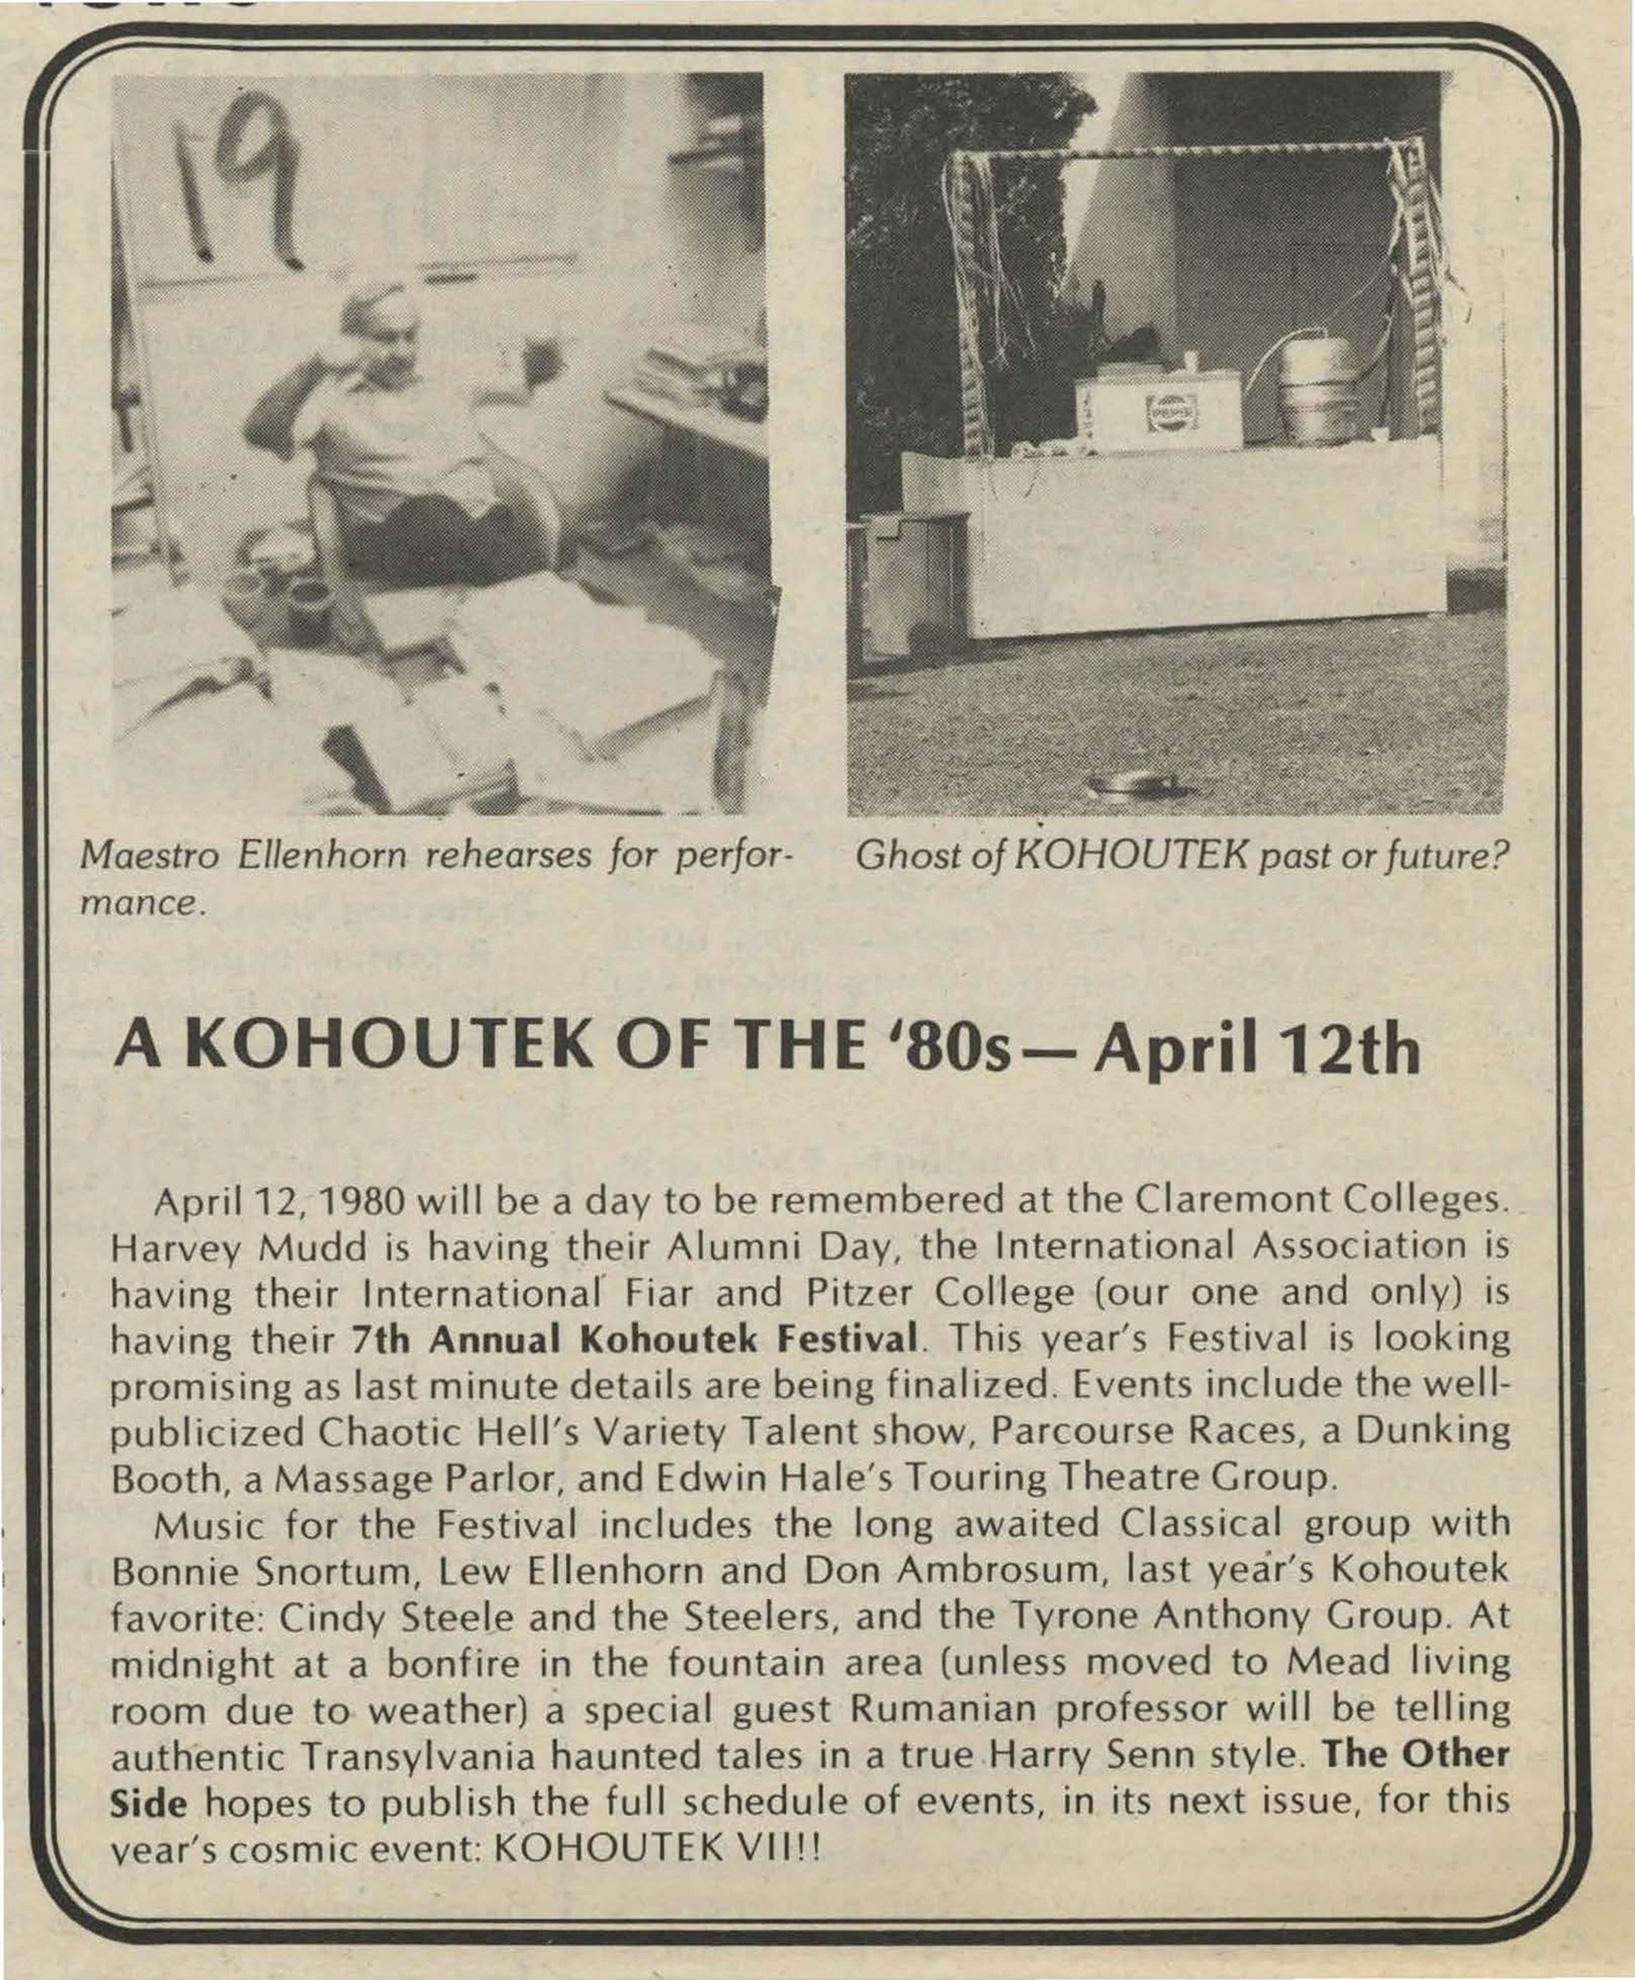 Kohoutek 1980 - Faculty member Lew Ellenhorn